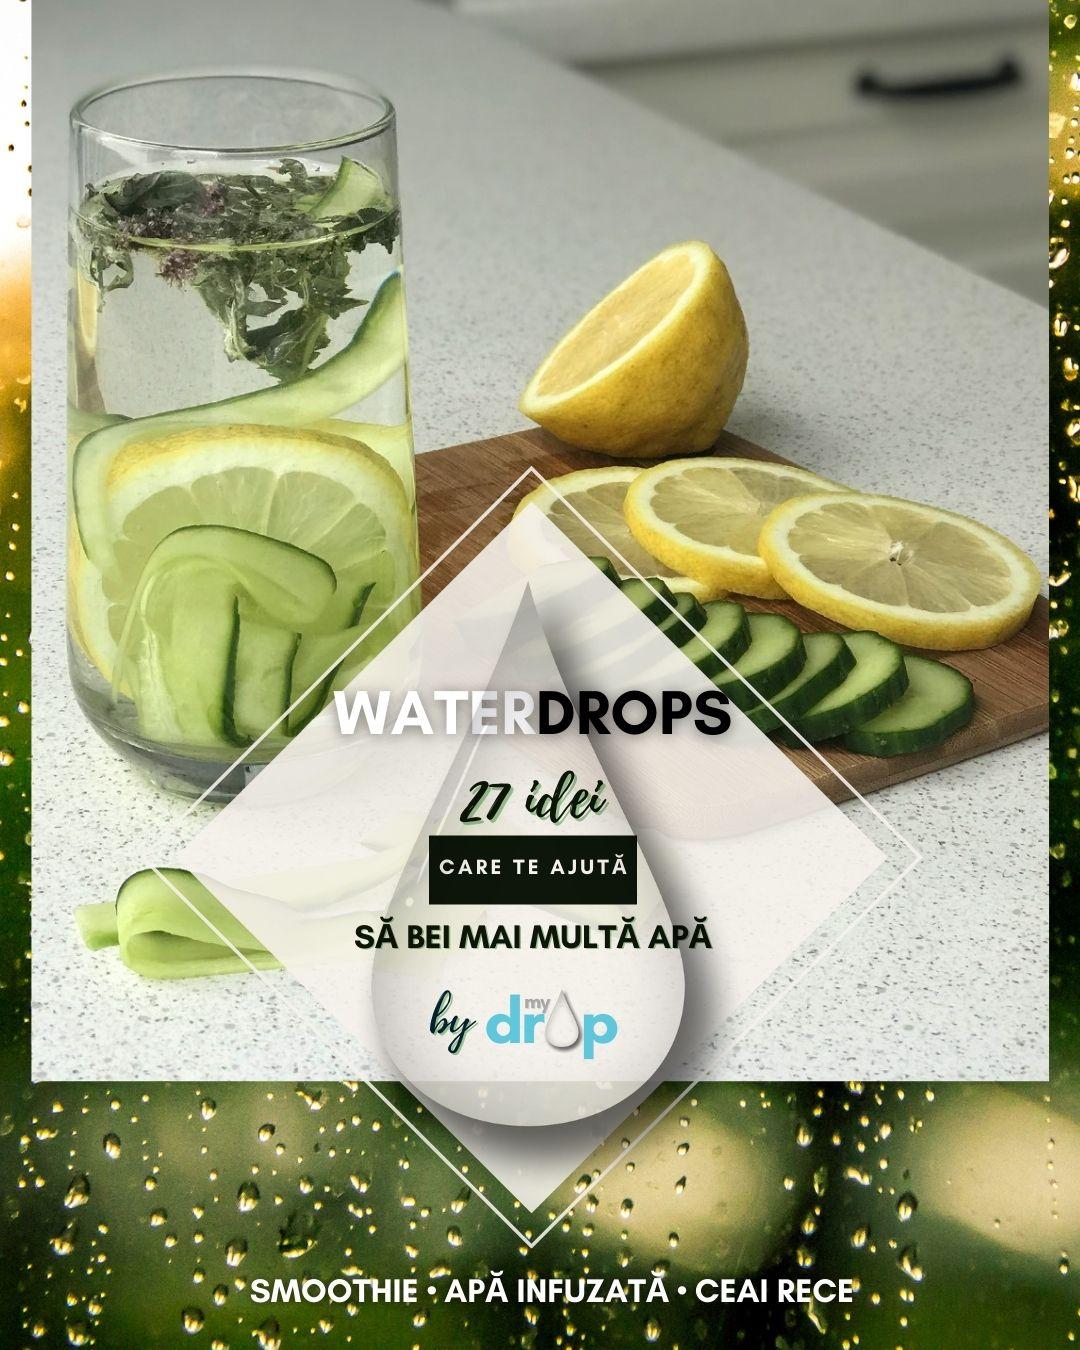 Bea mai multa apa